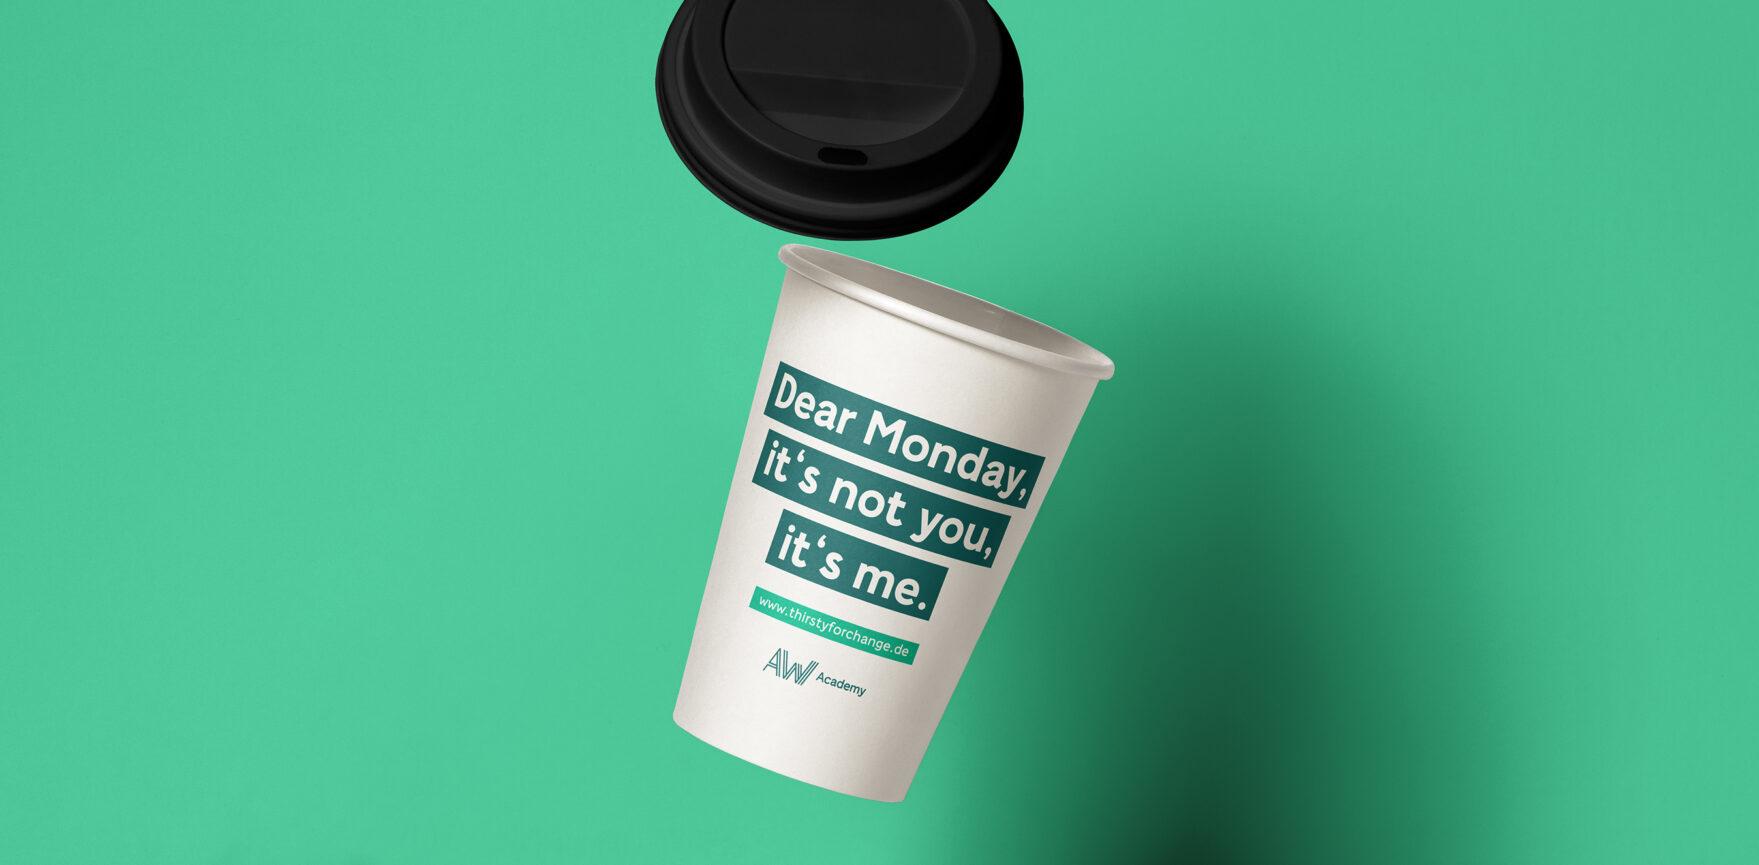 Kaffeebecher-DearMonday